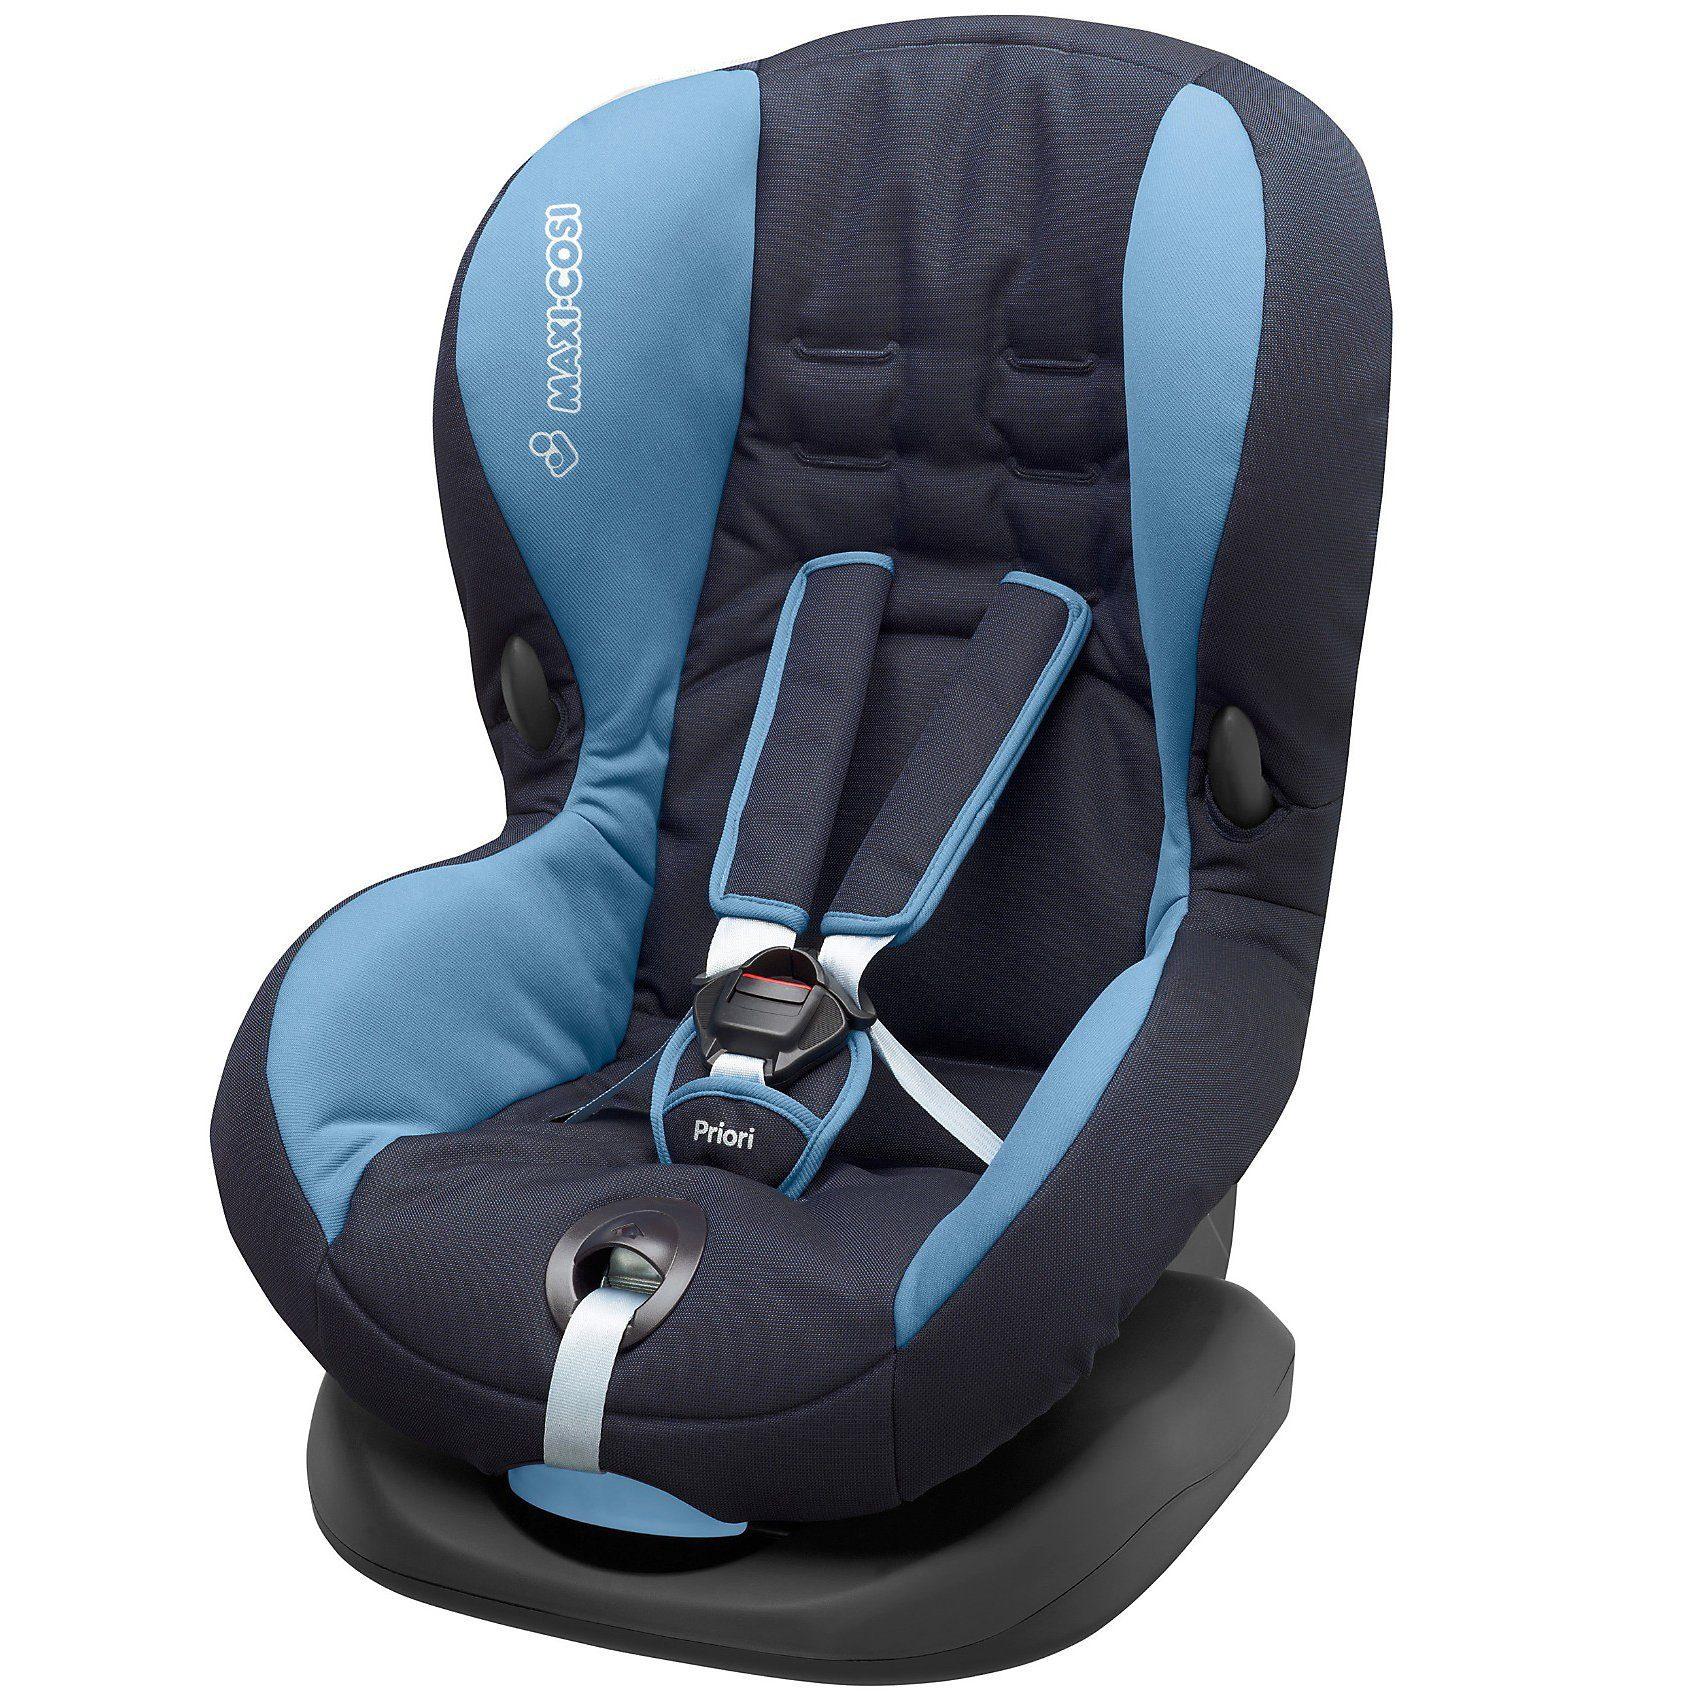 Maxi-Cosi Auto-Kindersitz Priori SPS+, Ocean, 2016